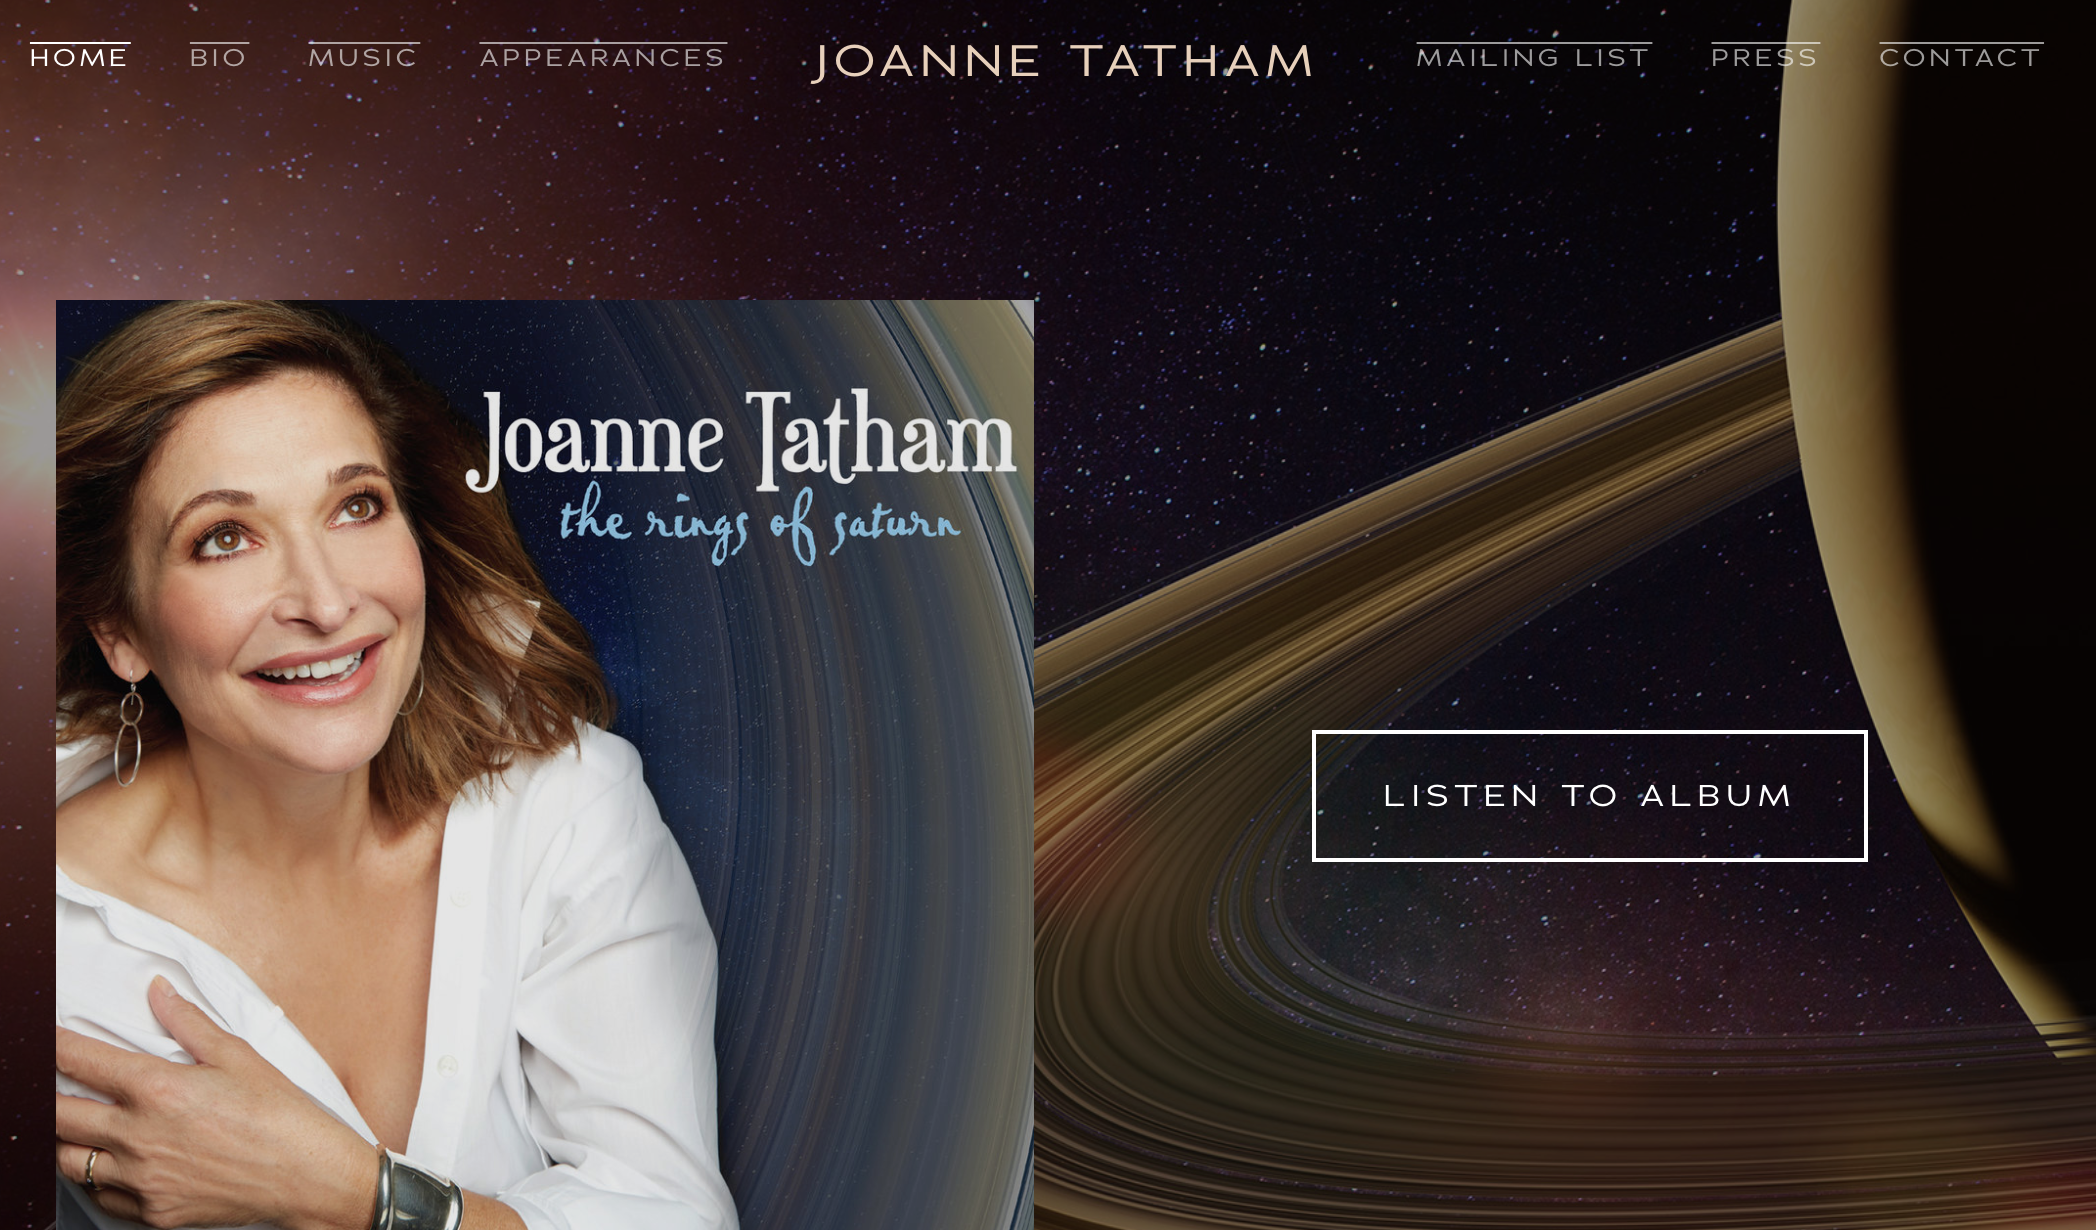 Visit Joanne Tatham